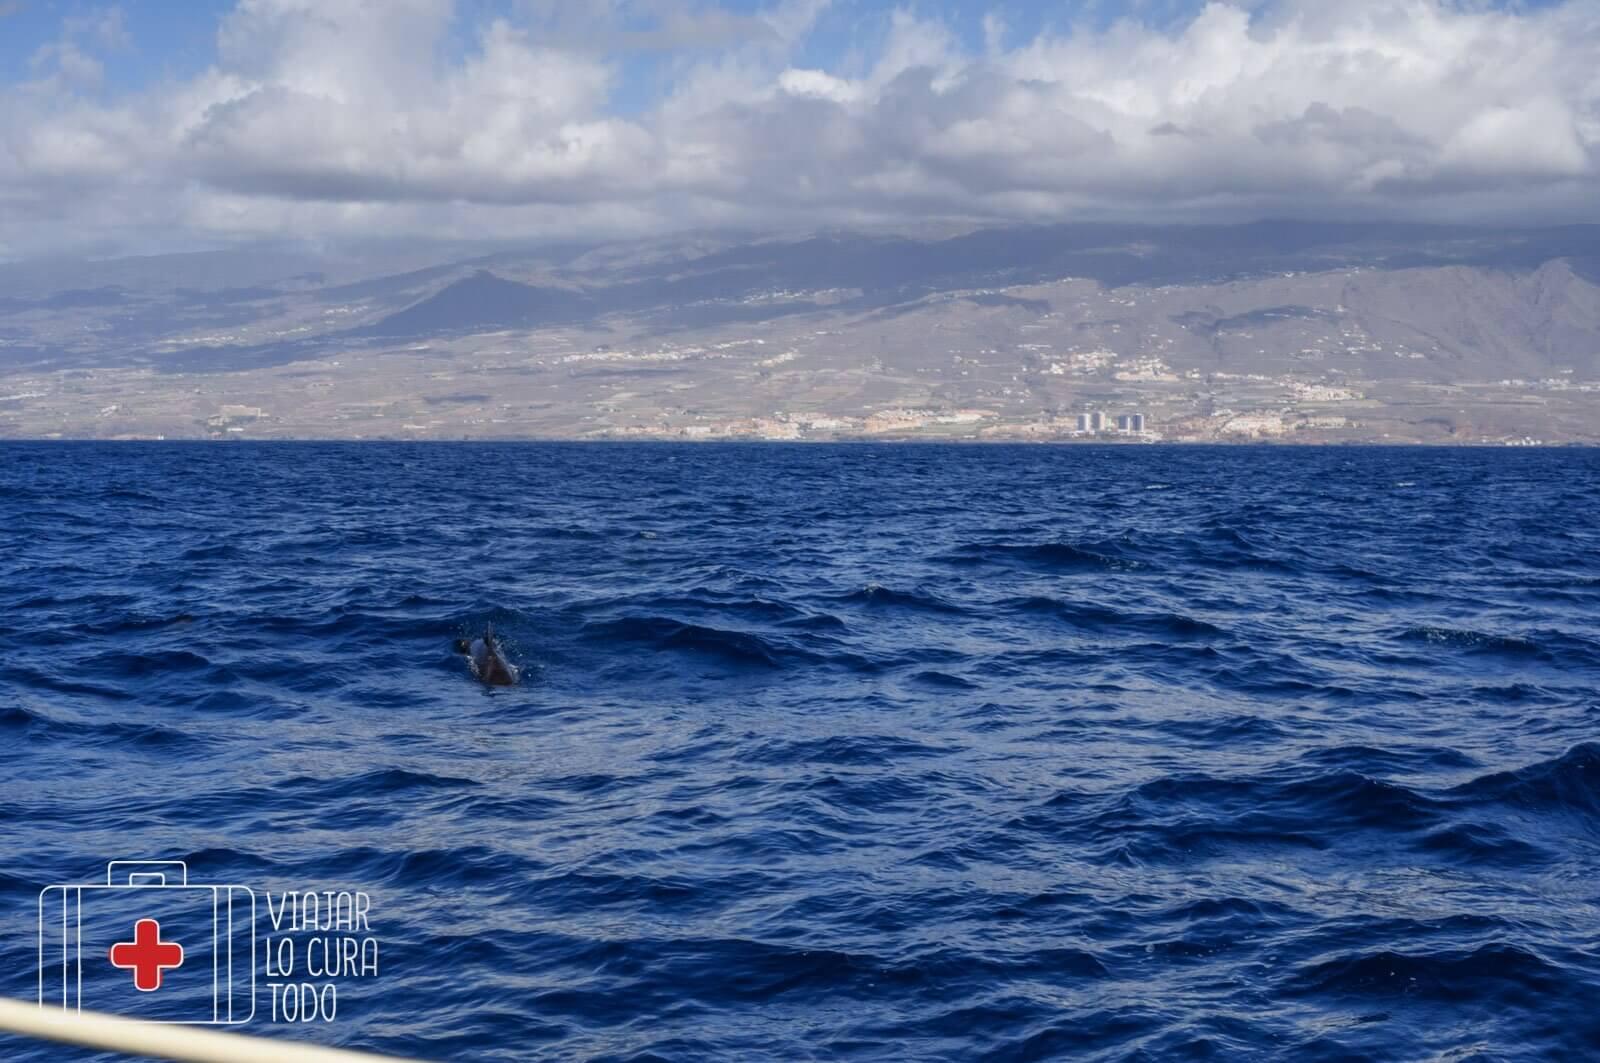 Avistamiento de delfines en libertad en Tenerife